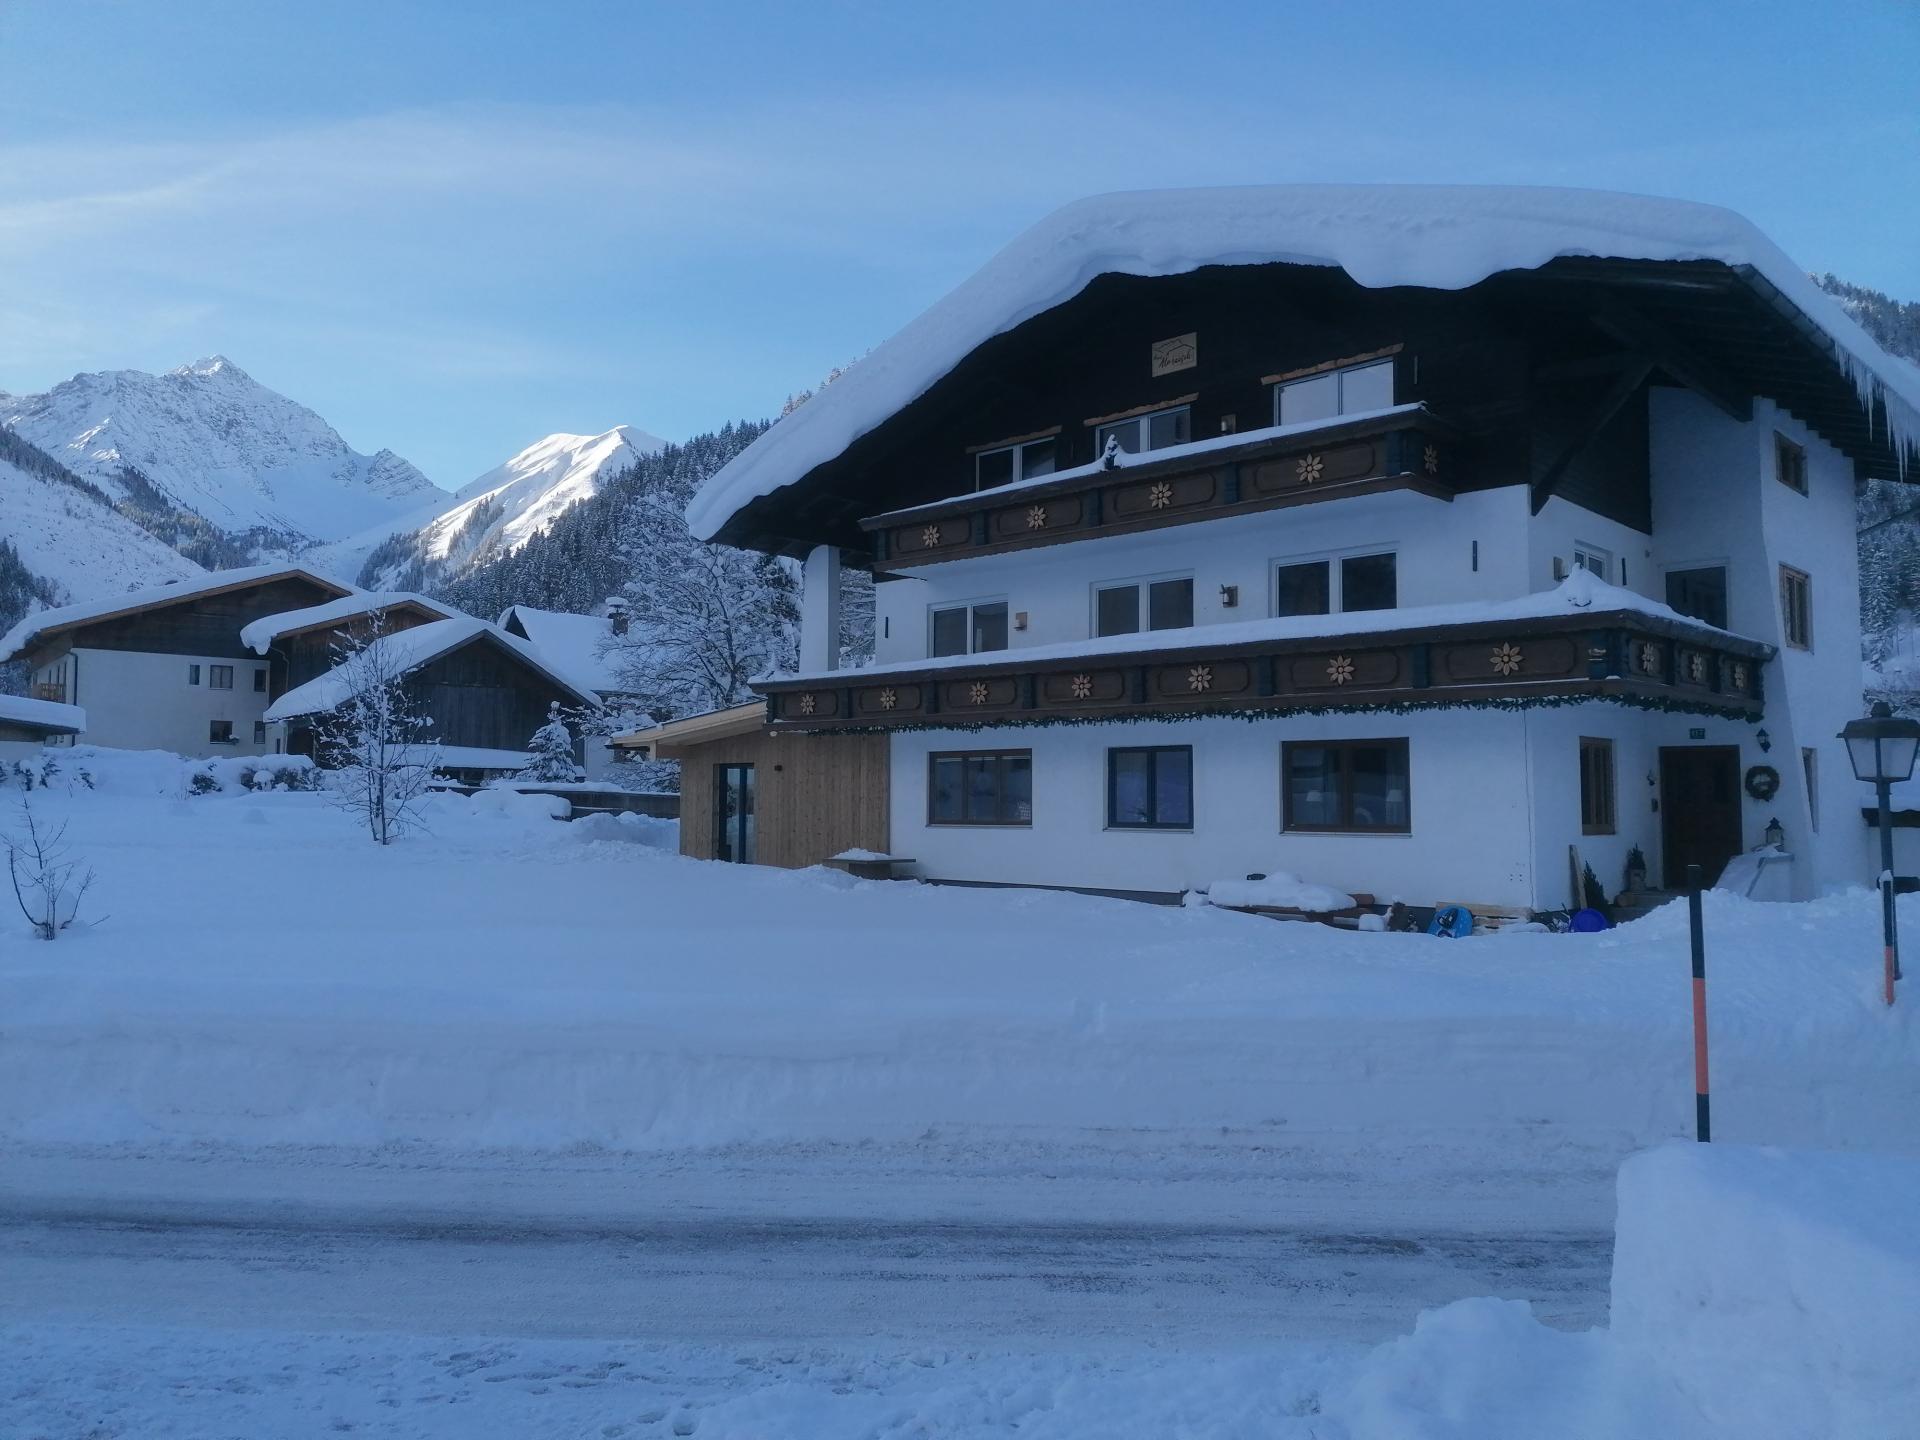 Ferienwohnungen Haus Almrausch #Willkommen#Bildergalerie#Winter